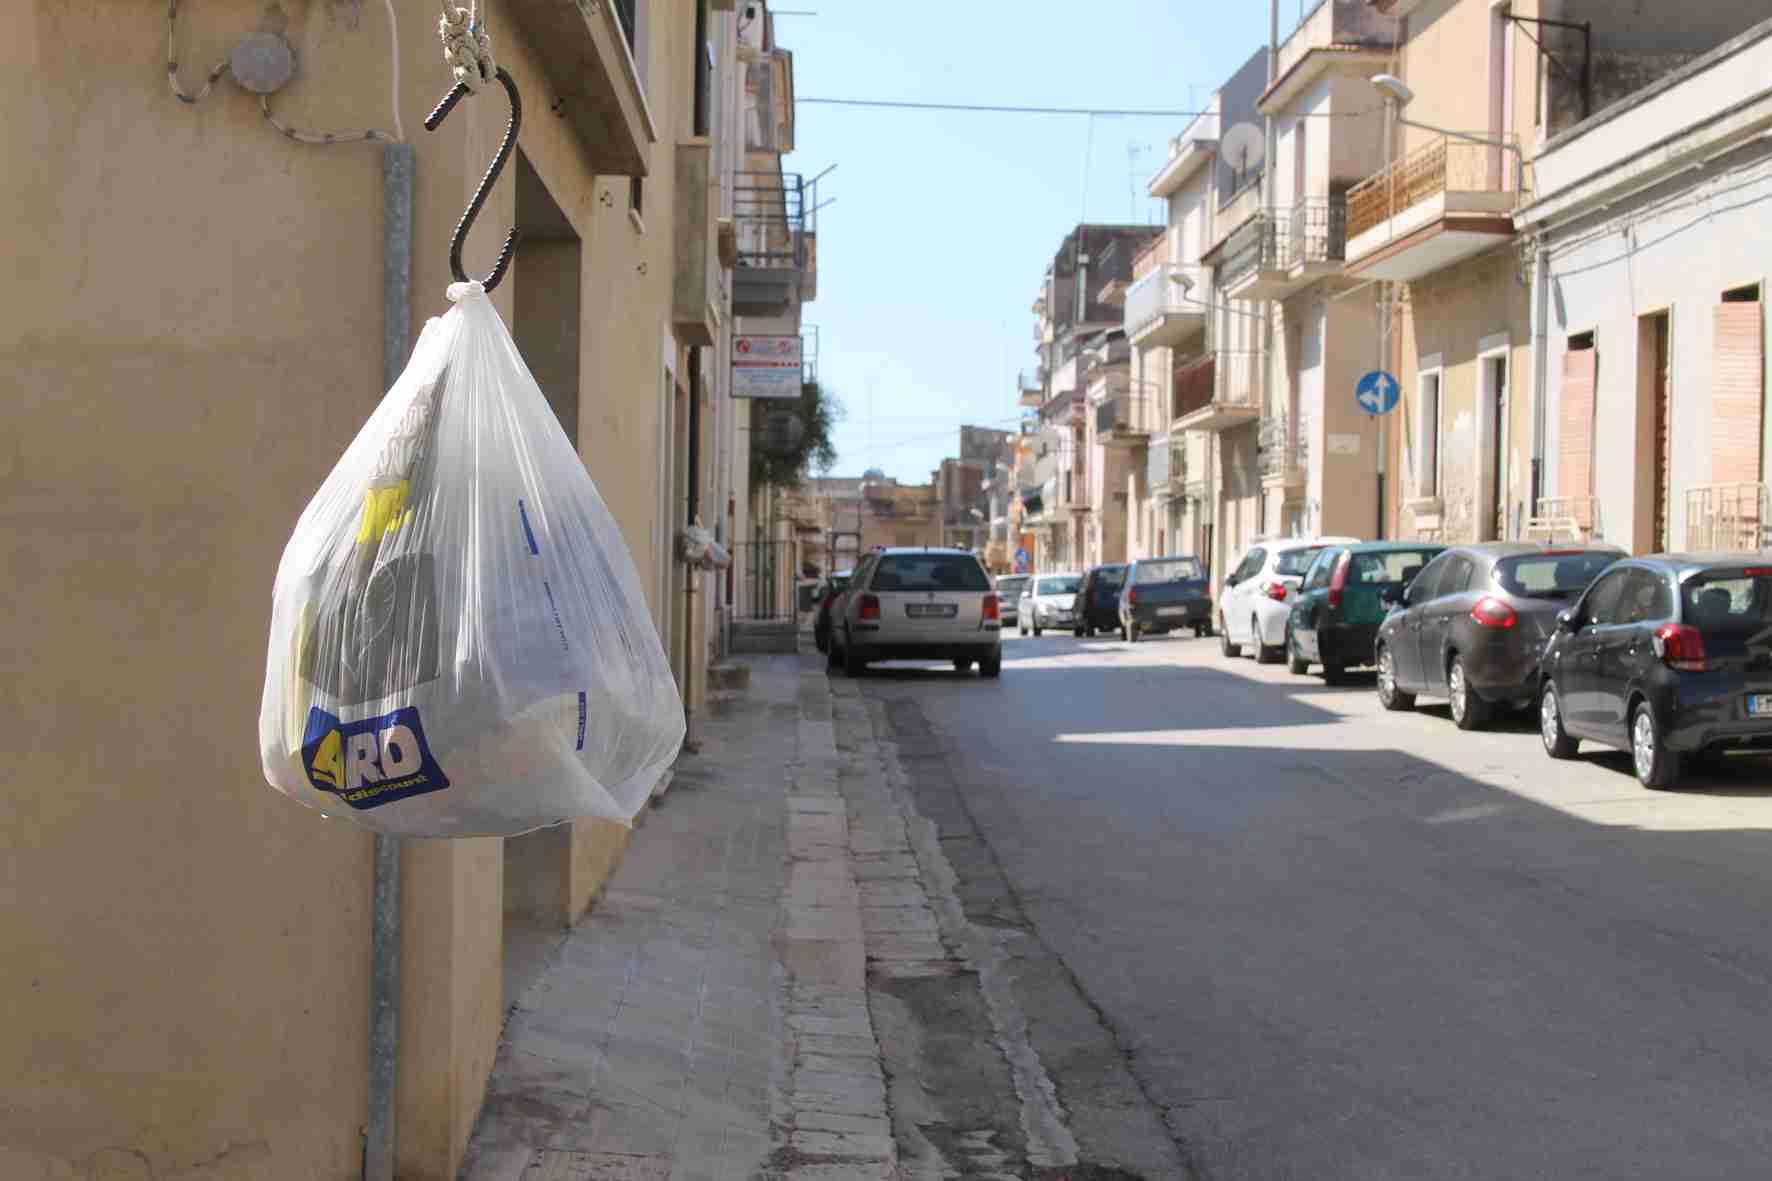 Netturbini in Assemblea, domani possibili disservizi nella raccolta rifiuti